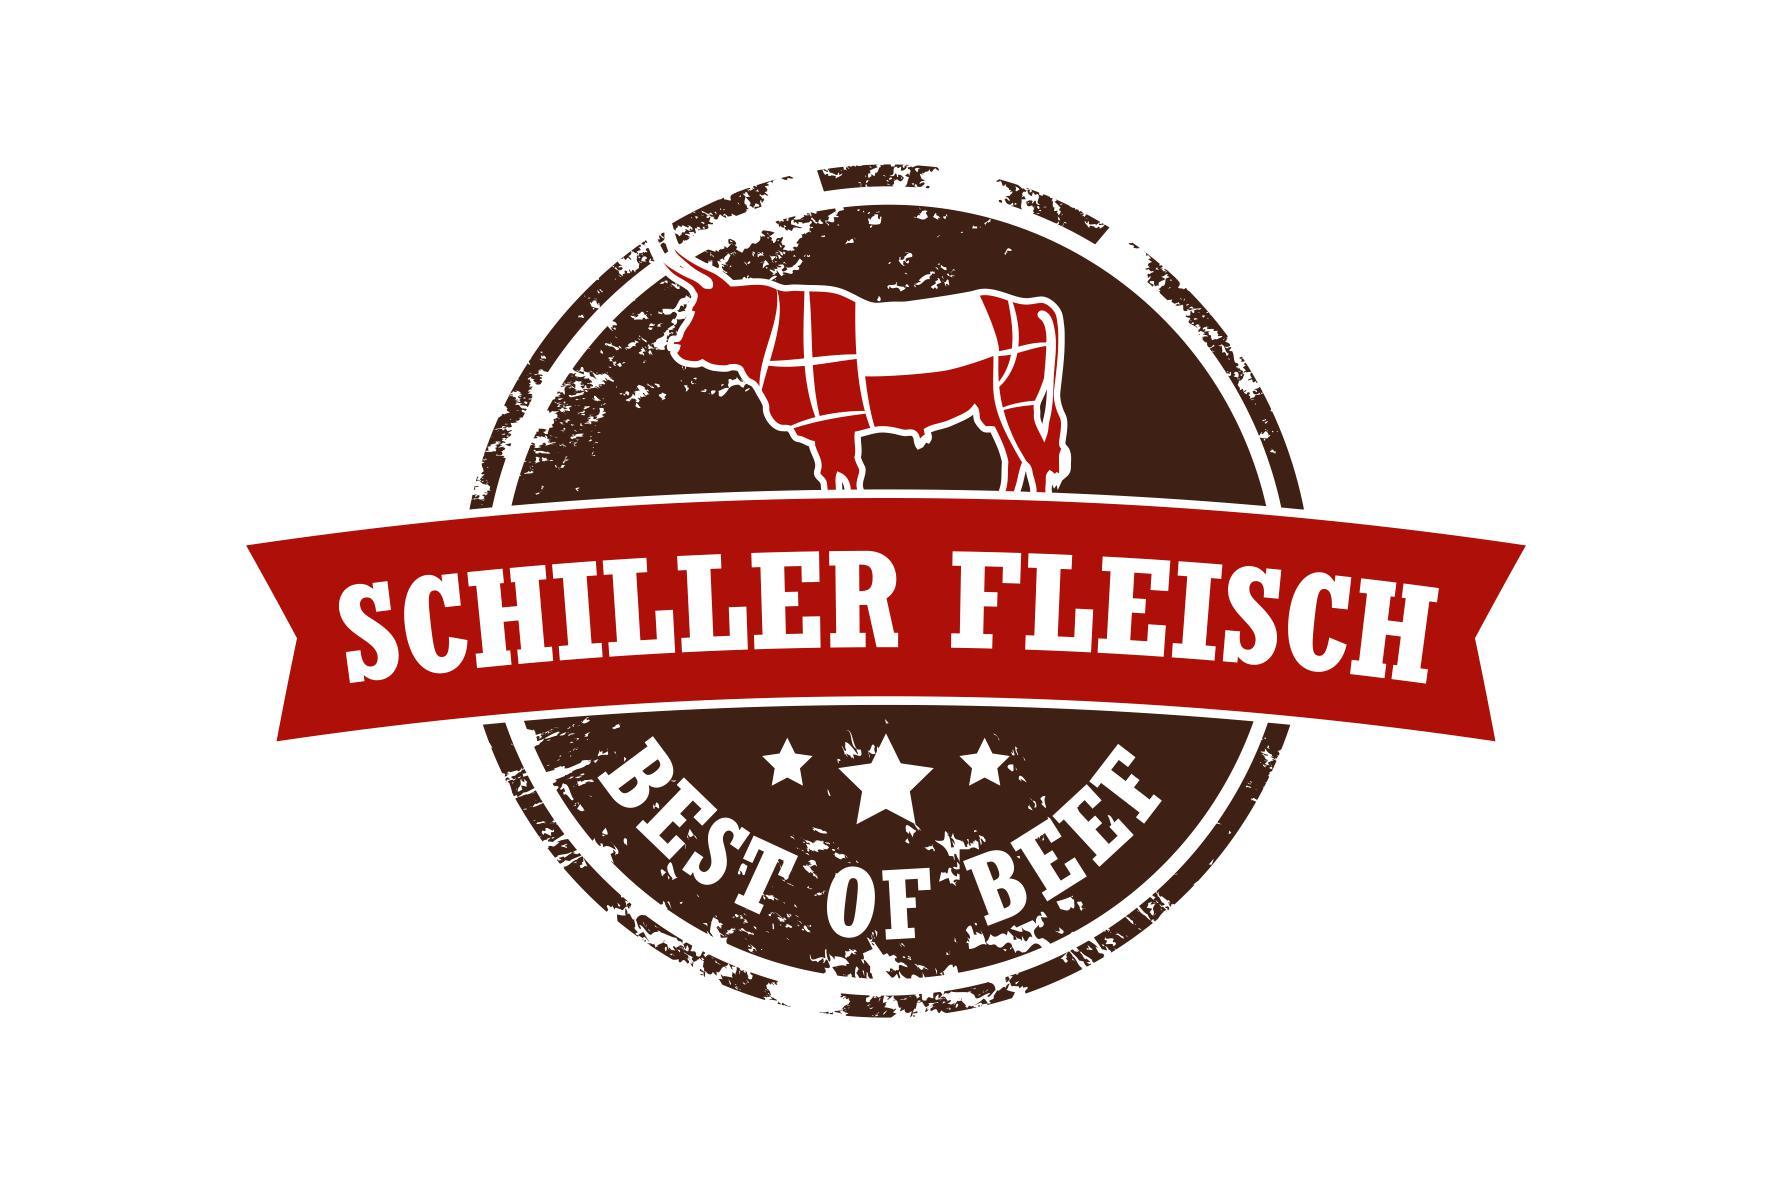 Schiller-Fleisch